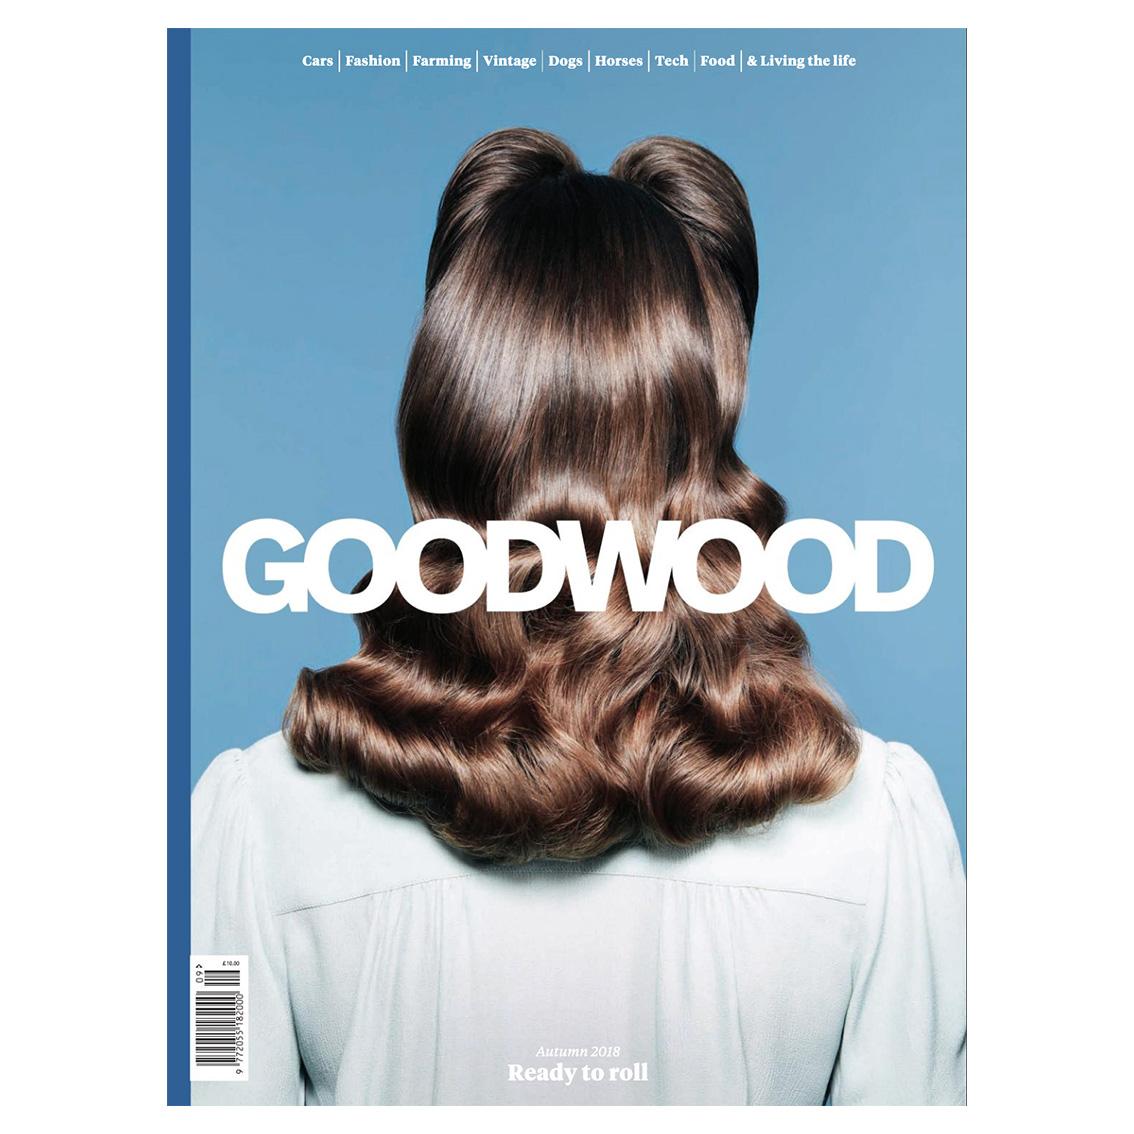 goodwood_cover.jpg